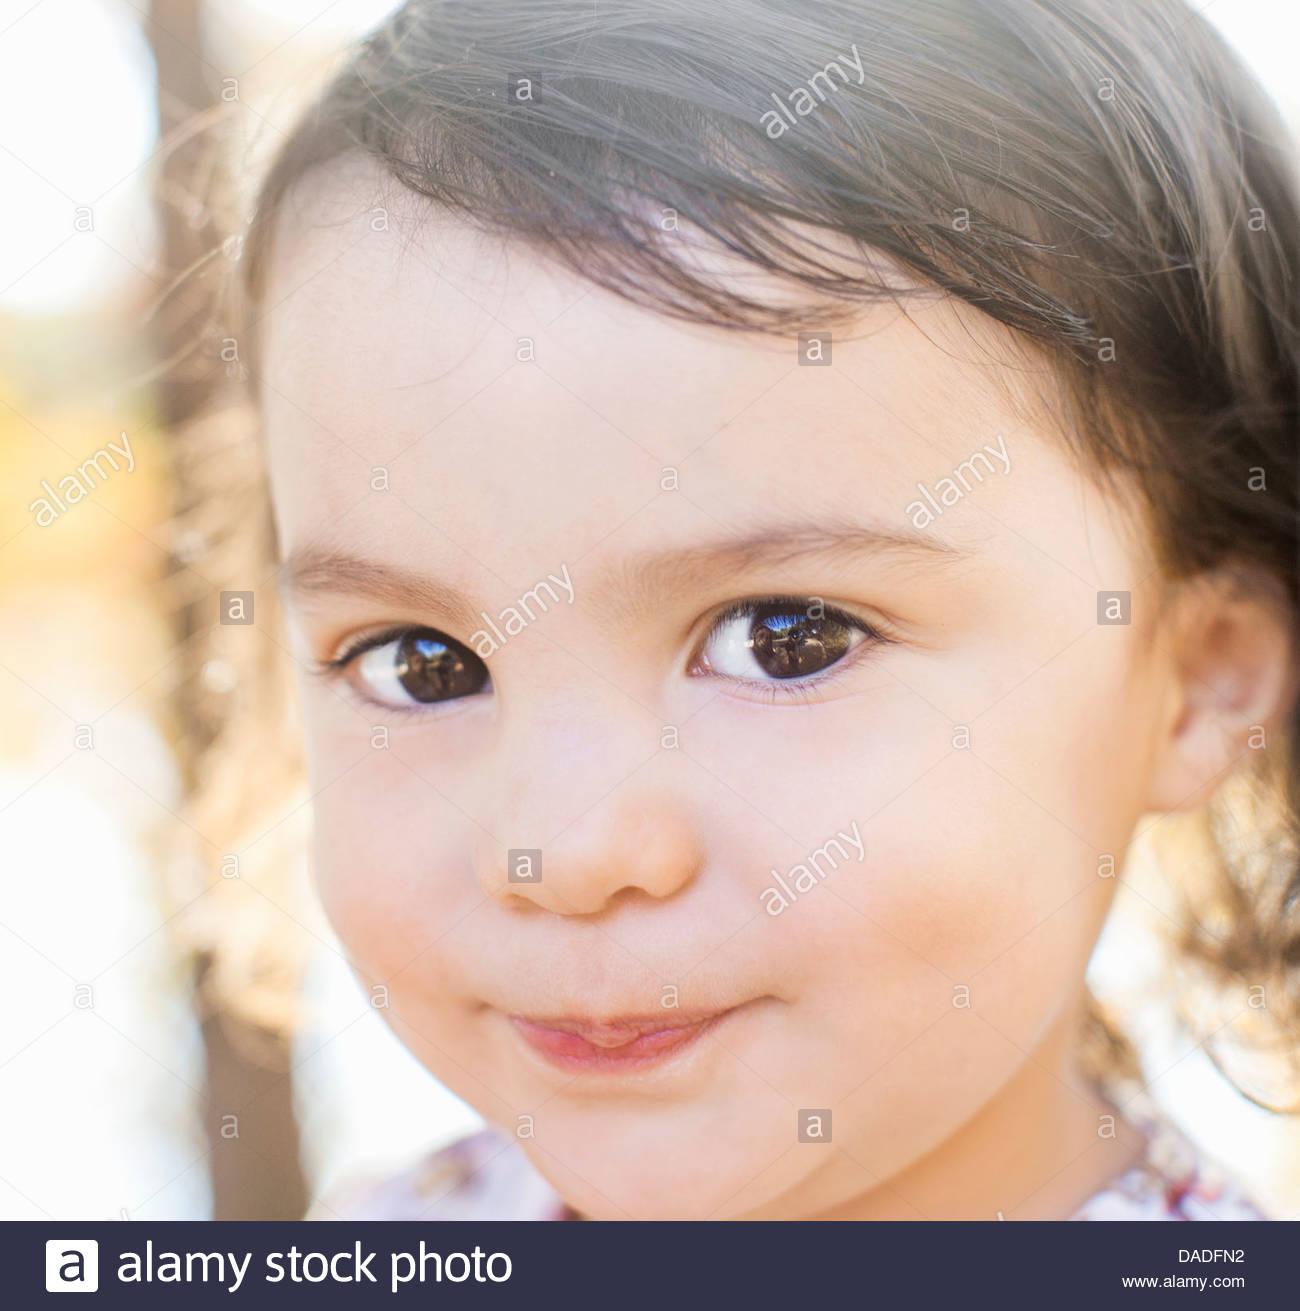 Niño con encantadora sonrisa Imagen De Stock